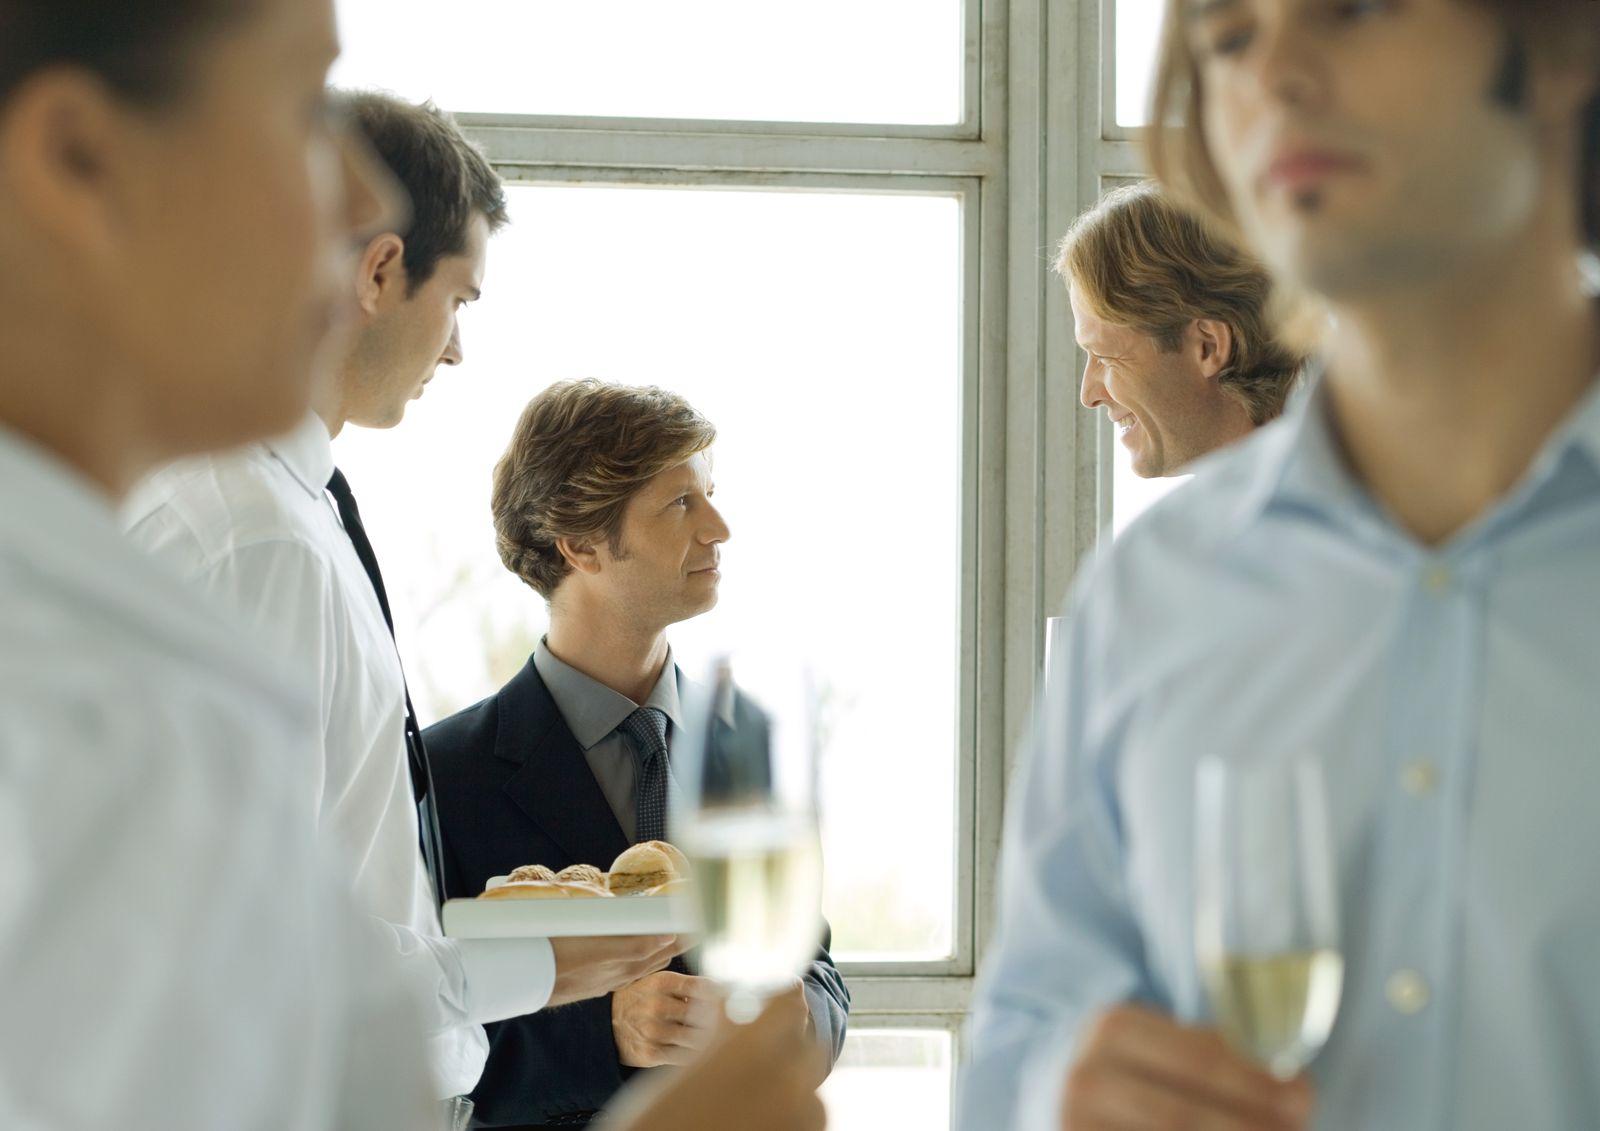 NICHT MEHR VERWENDEN! - Symbolbild Sektempfang / Cocktail Party